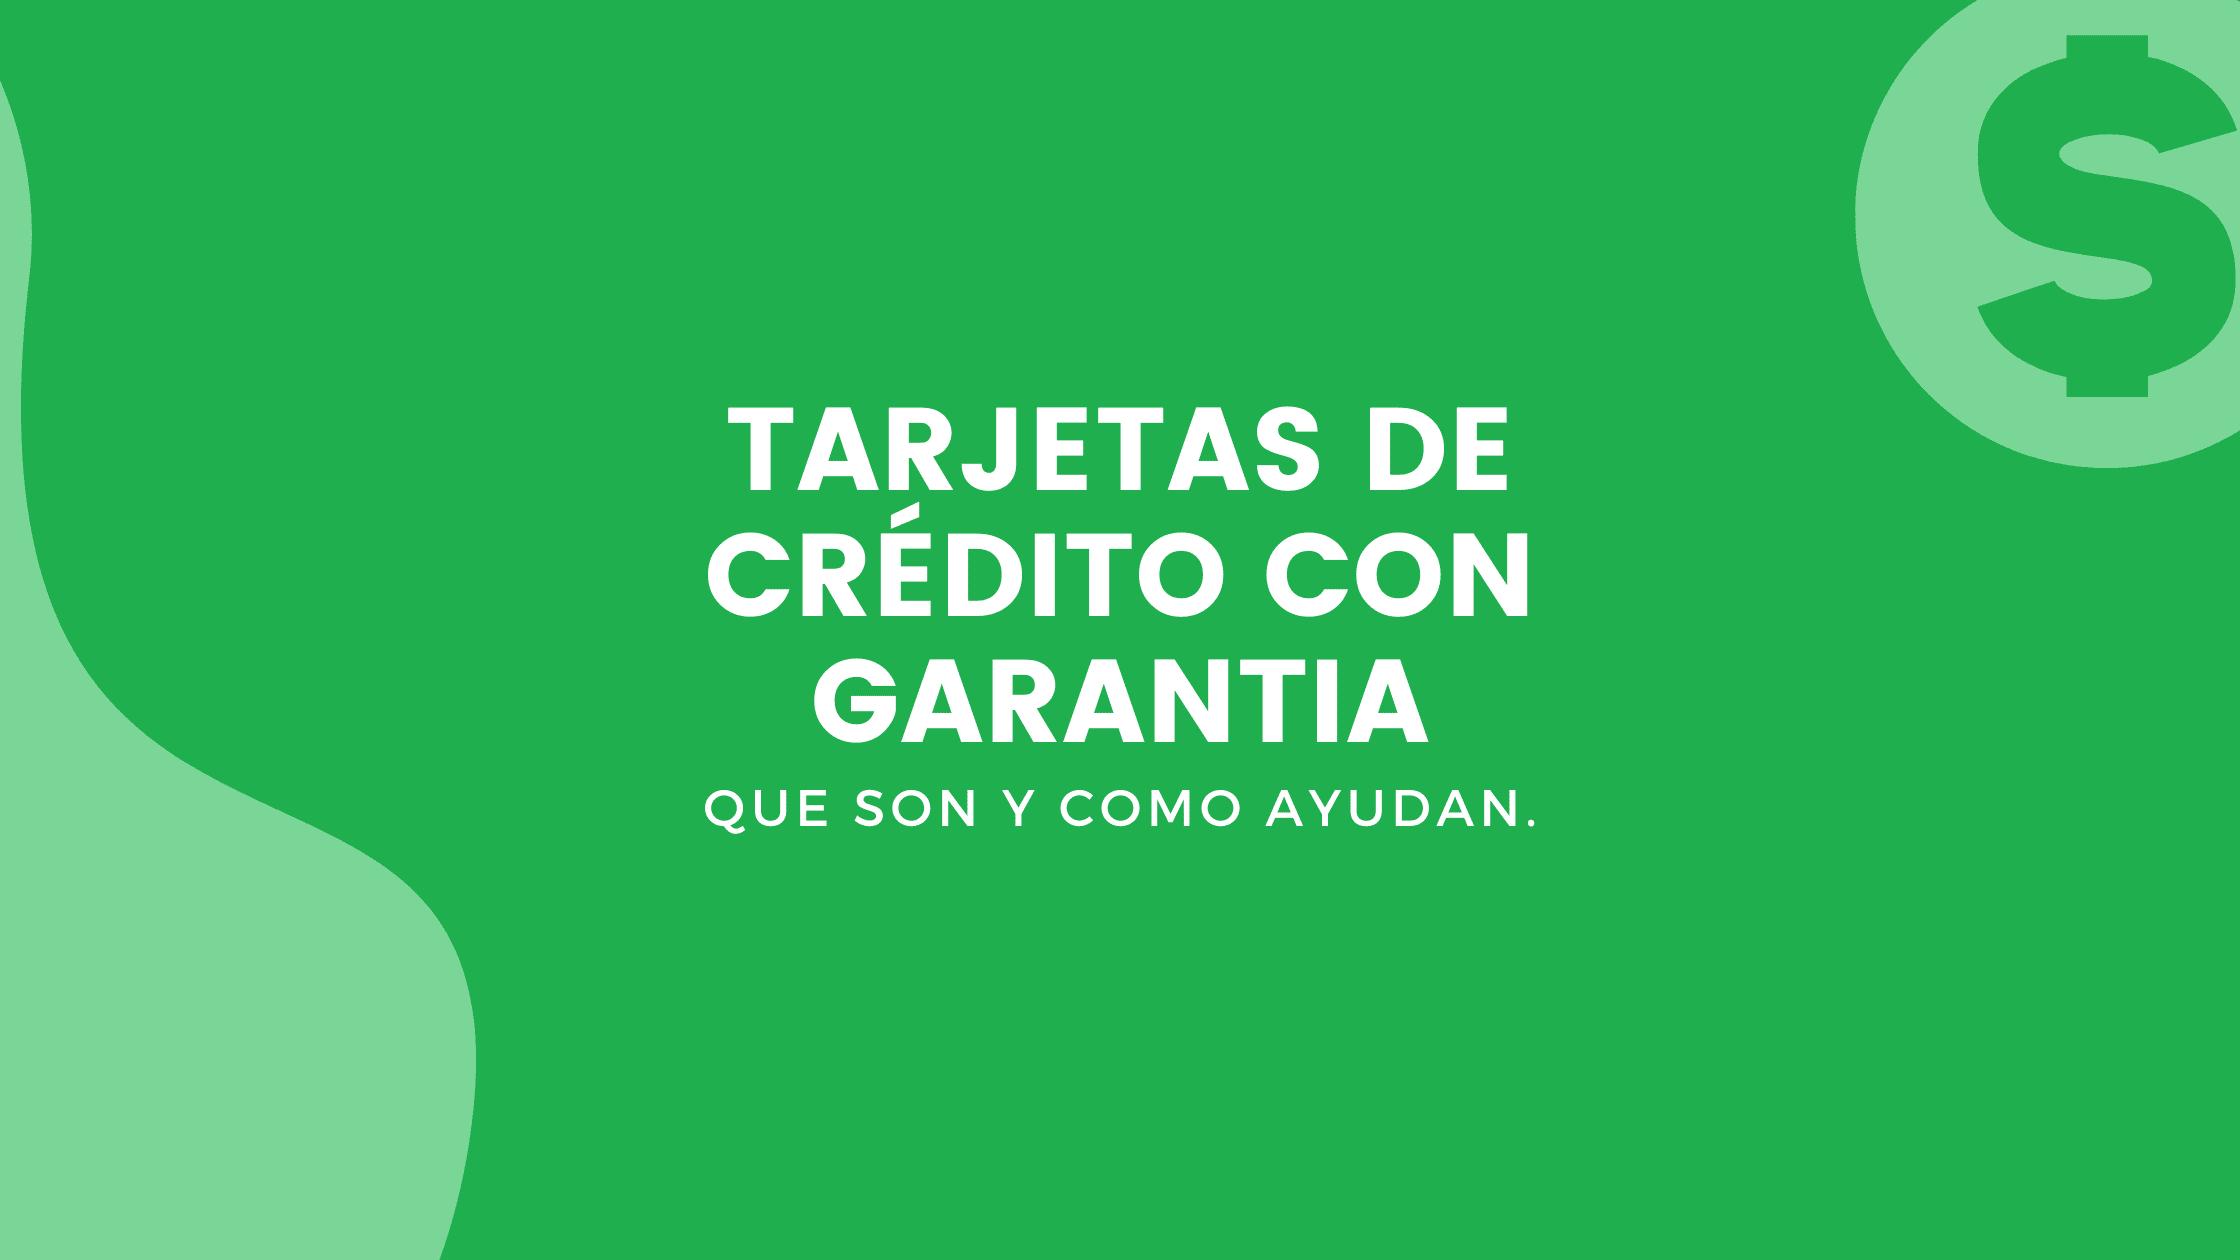 TARJETAS DE CRÉDITO CON GARANTIA